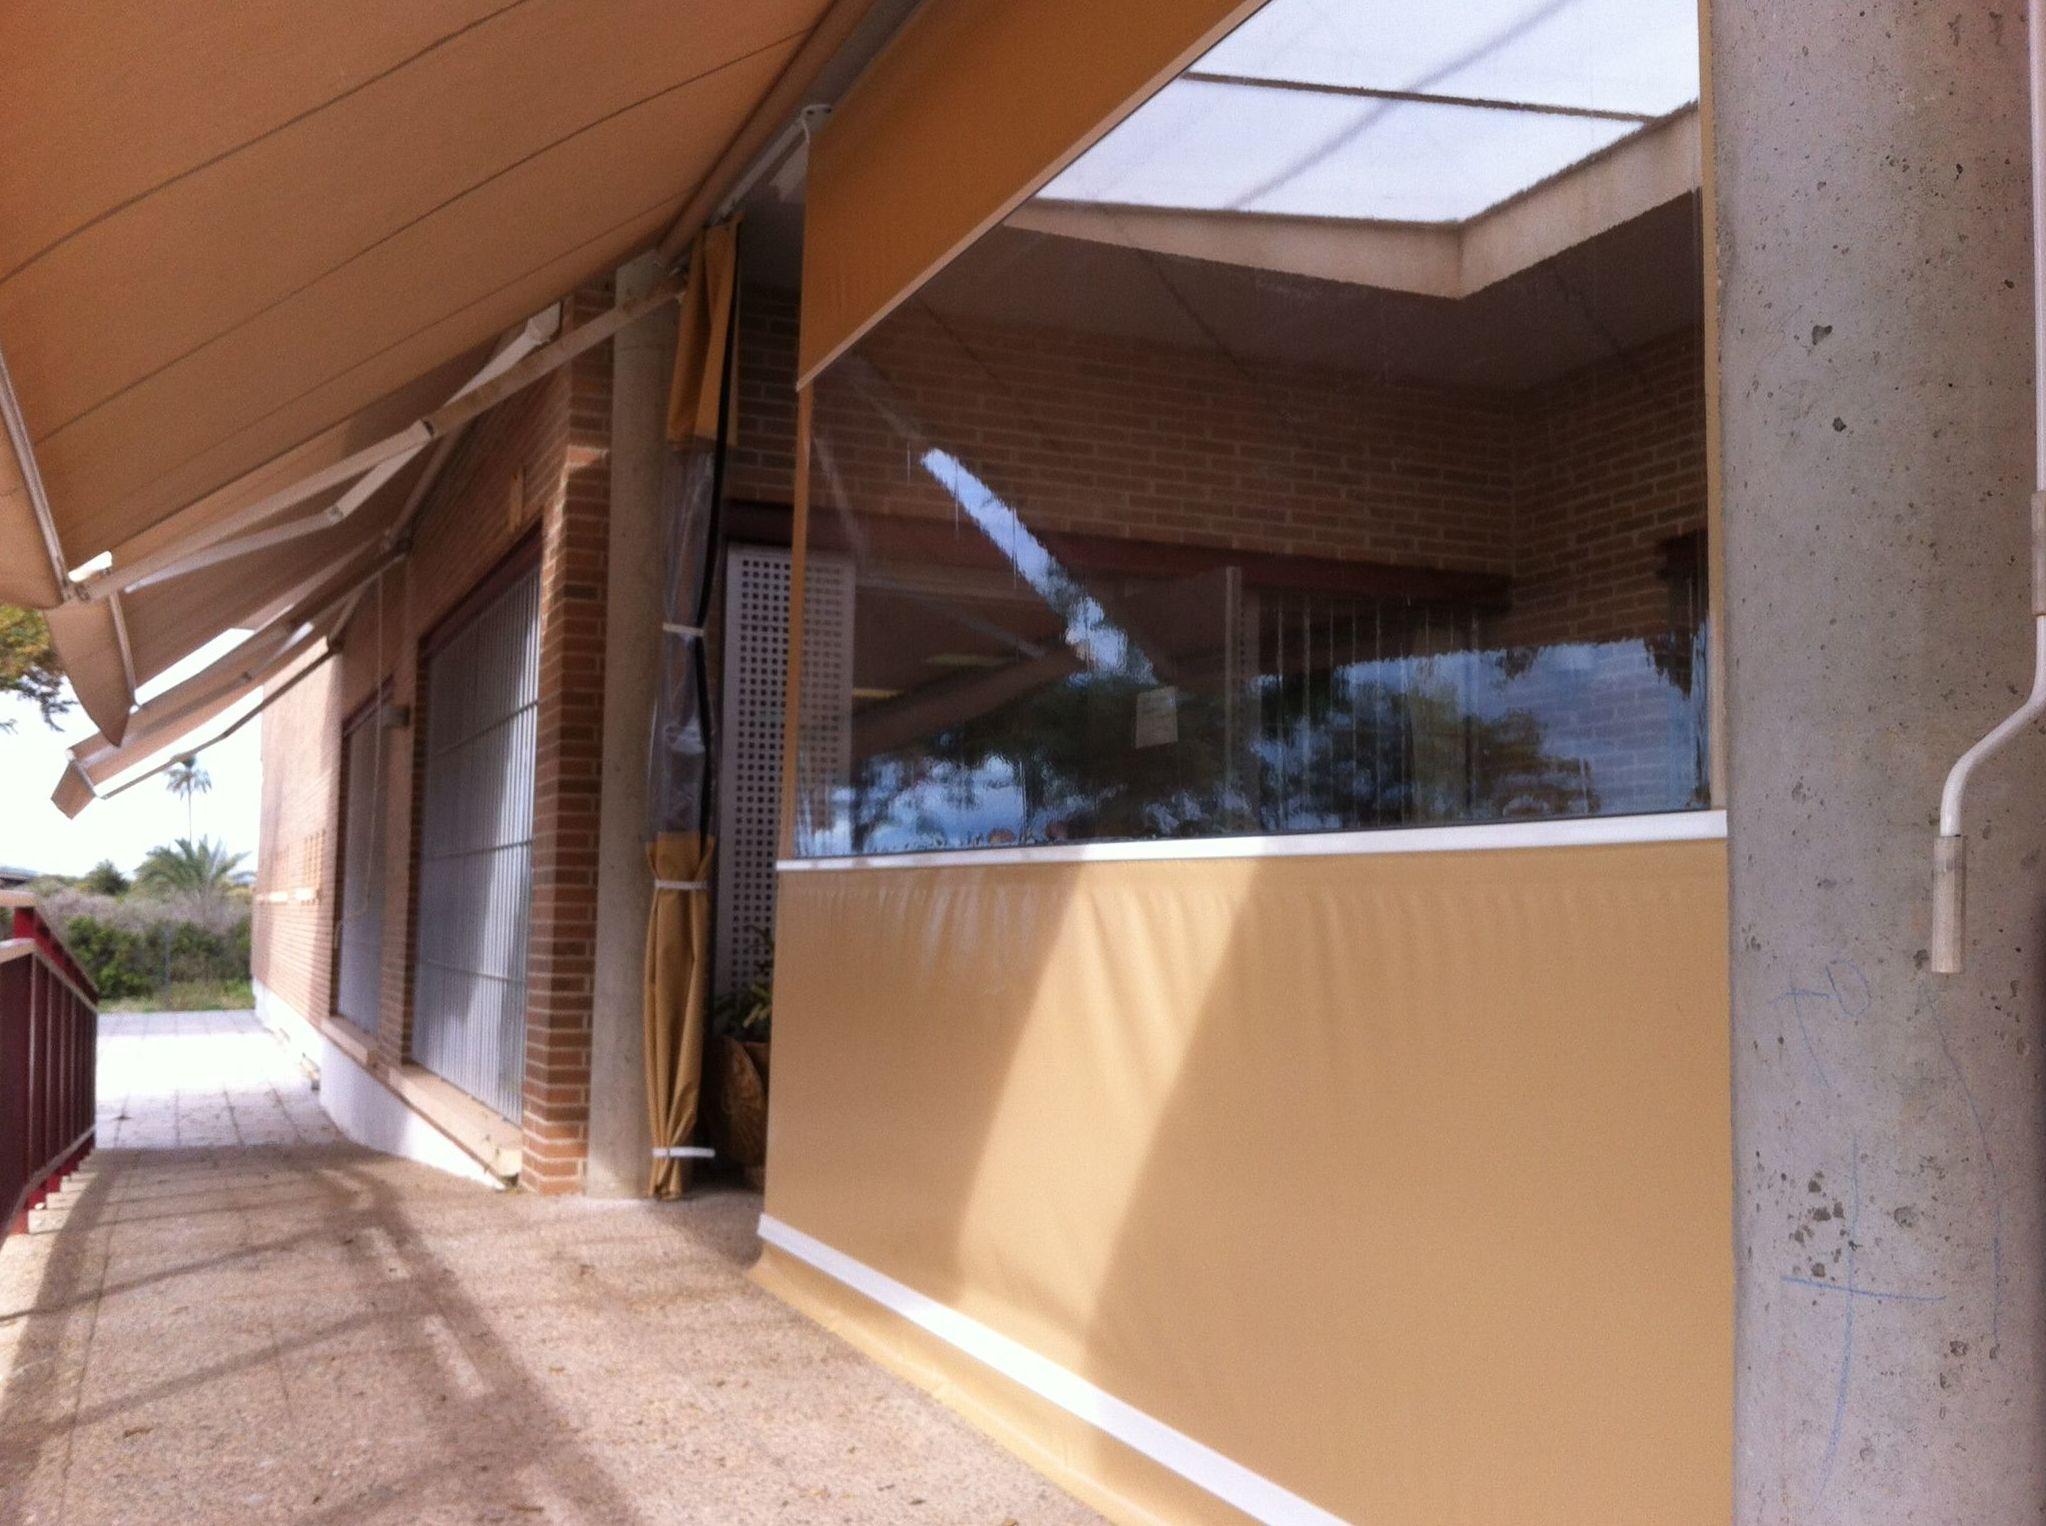 Cerramiento de terrazas cat logo de toldos gea - Cortinas toldo para terrazas ...